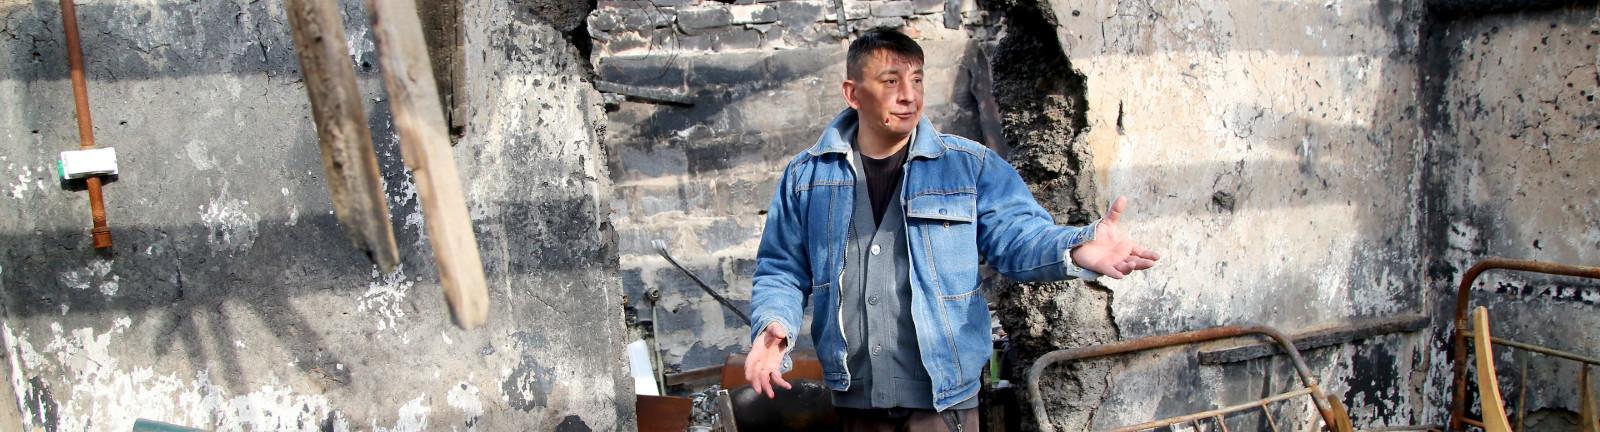 Ein Mann steht vor einem zerstörten Gebäude in einem Dorf in der Ostukraine